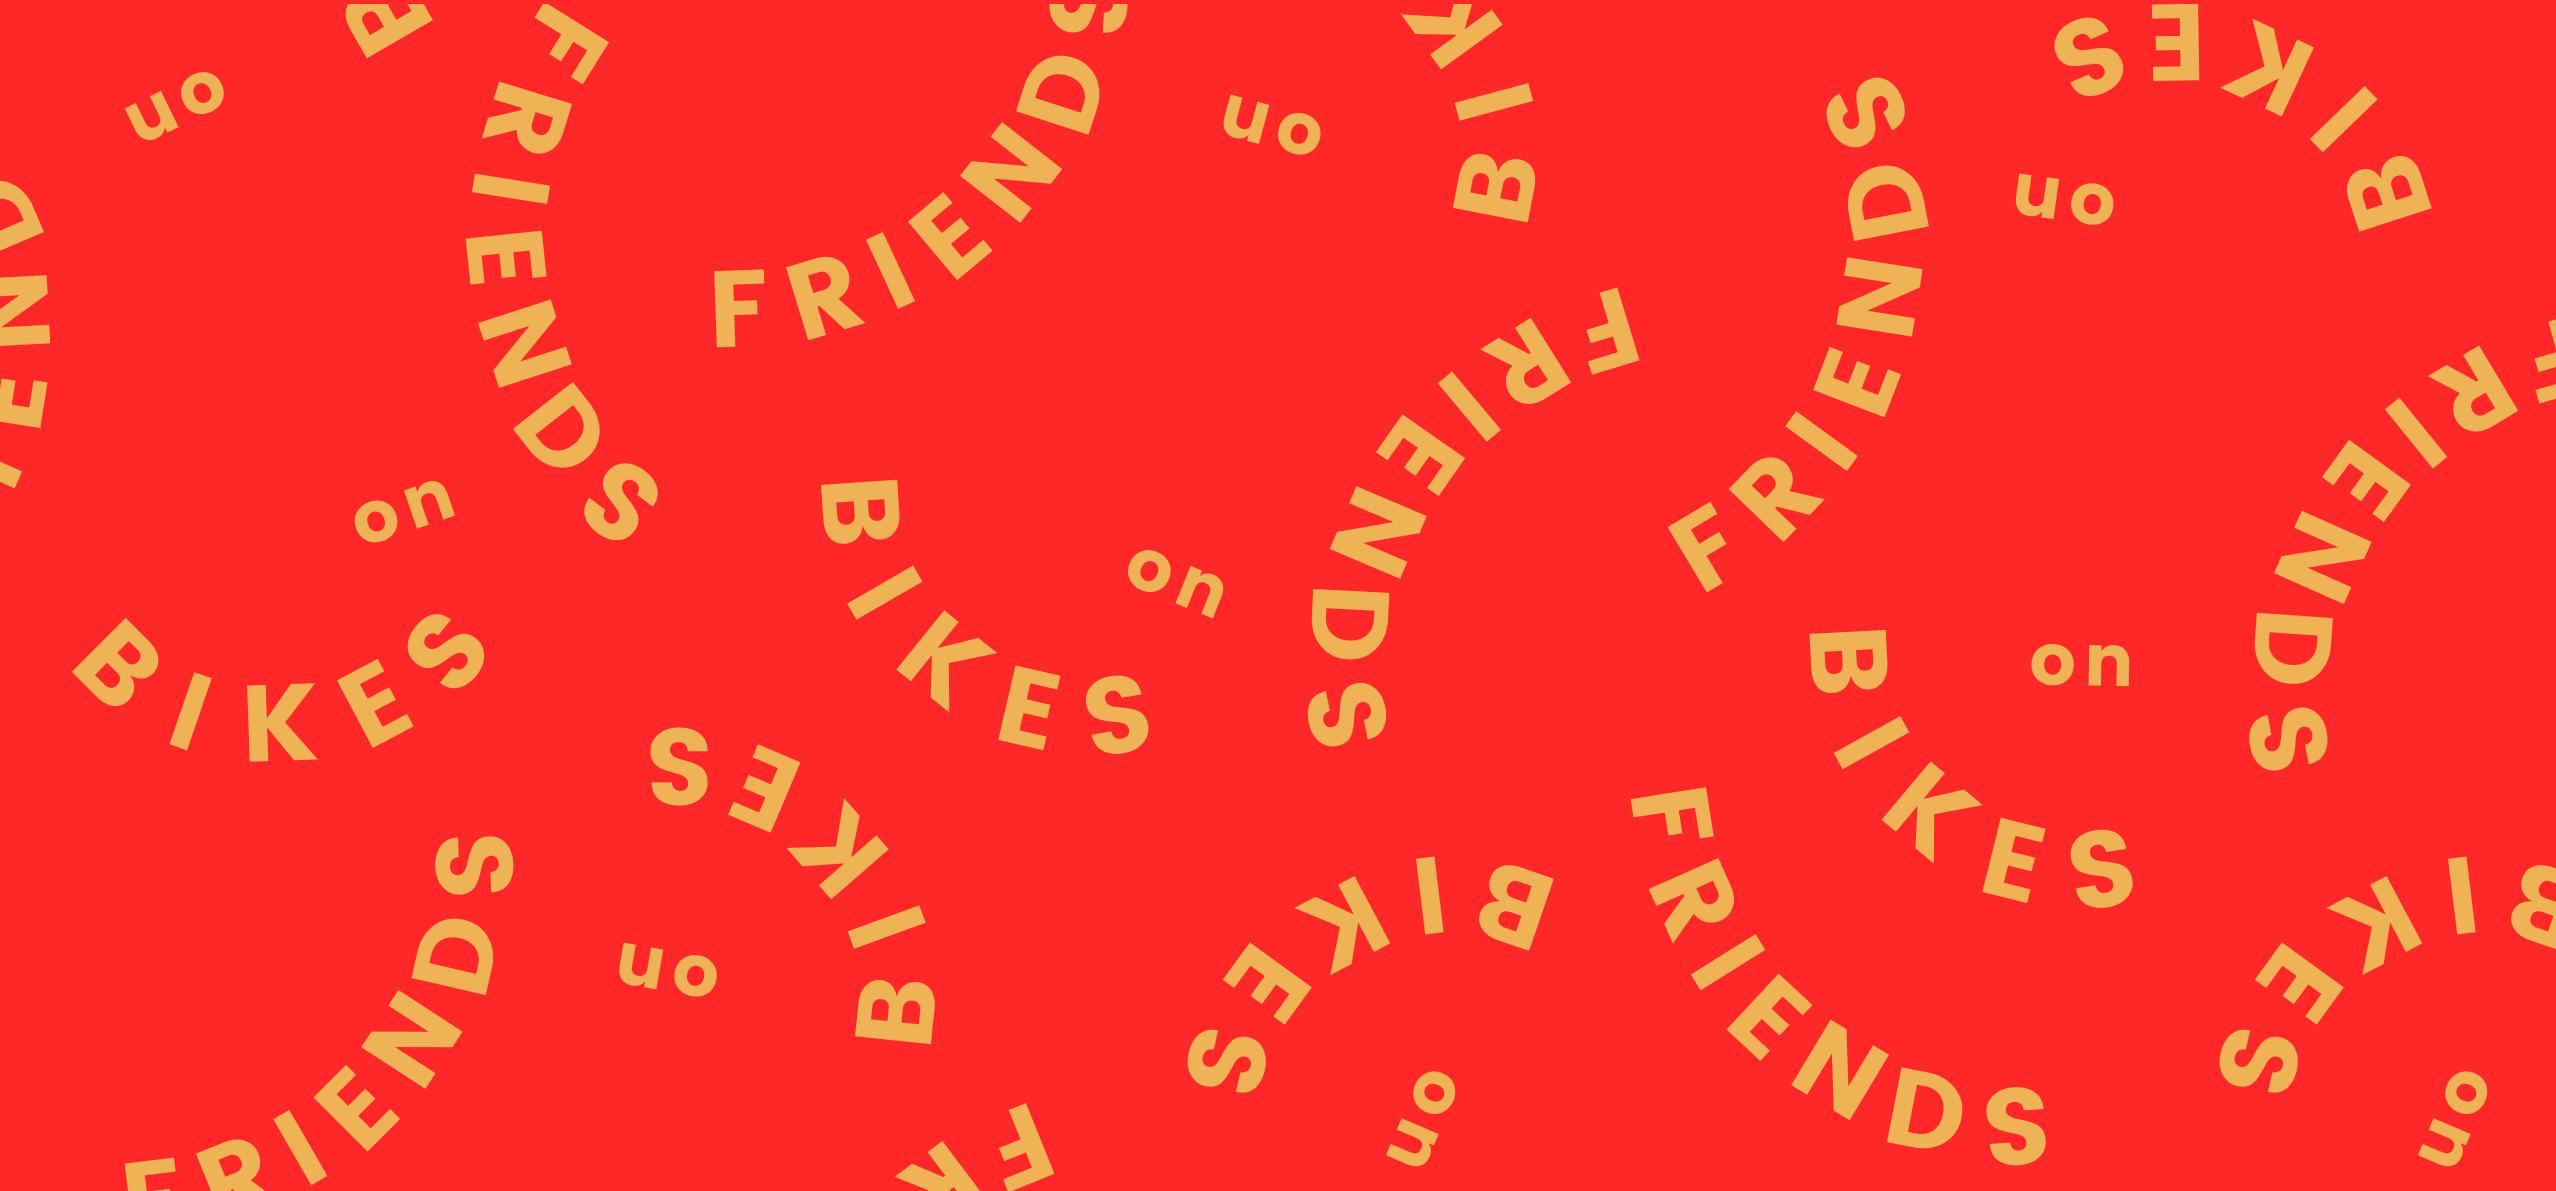 friends-on-bikes-type-pattern